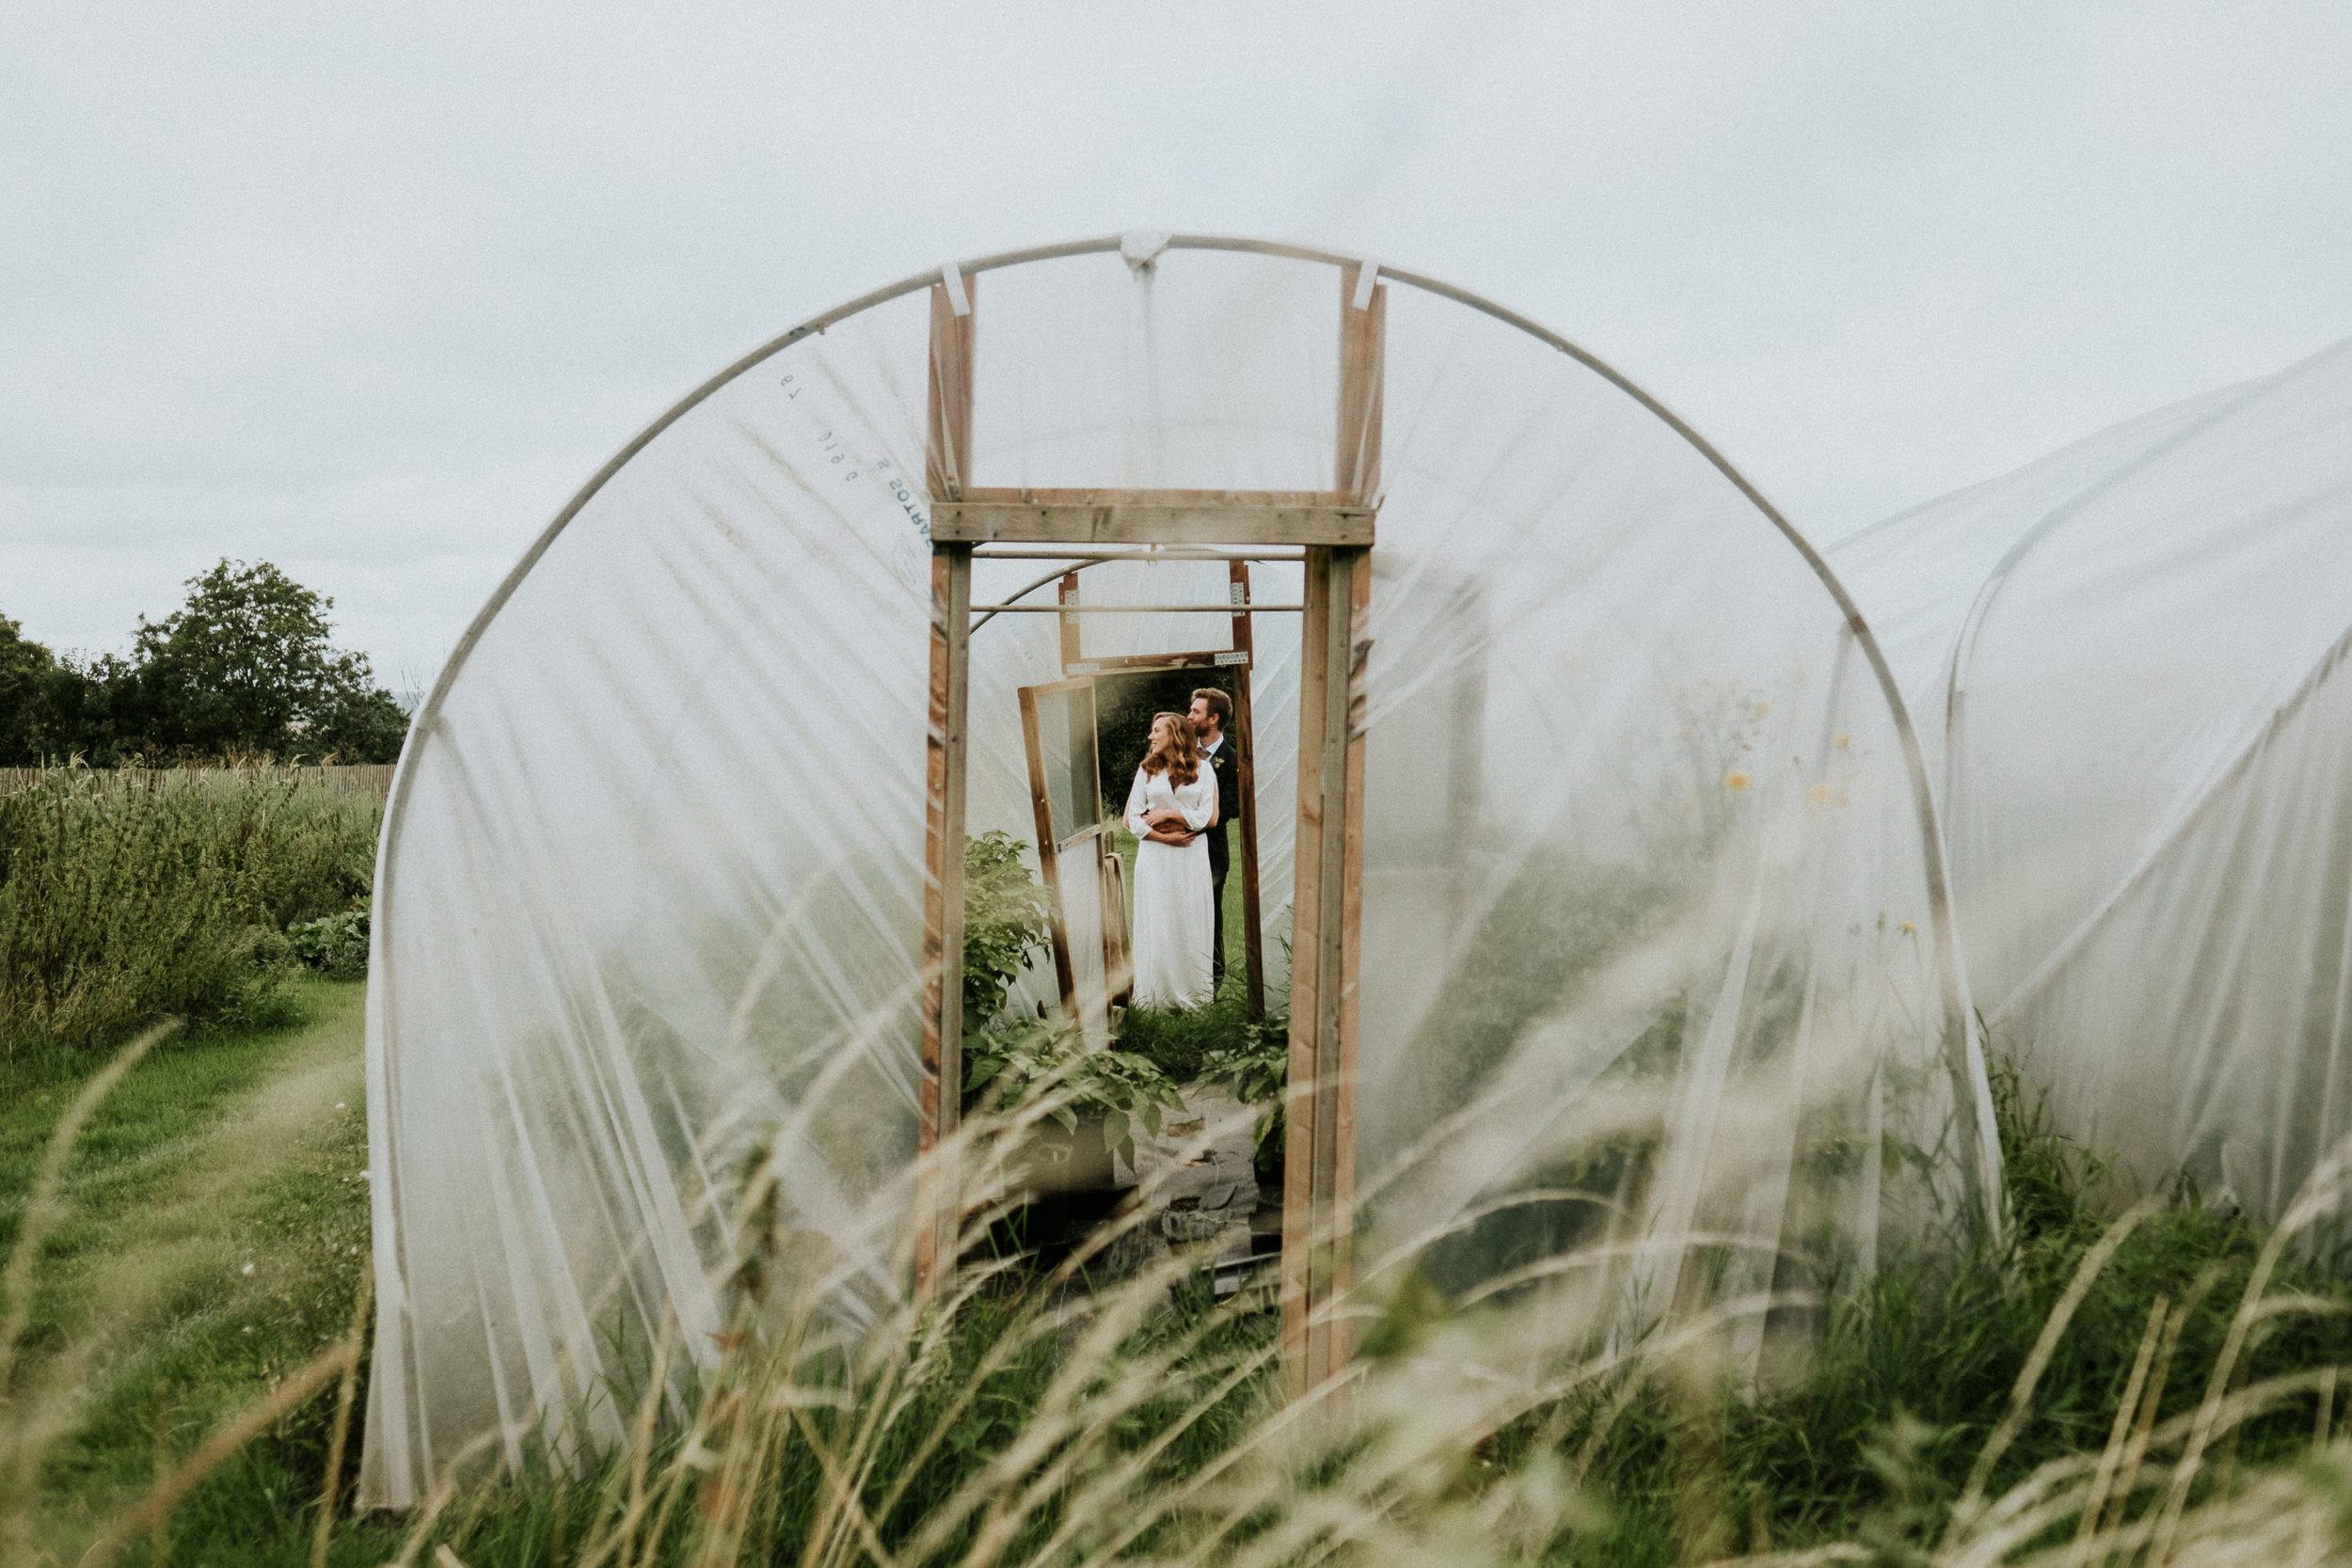 74 Manor Farm wedding relaxed creative photographer joanna nicole Photography4.jpg